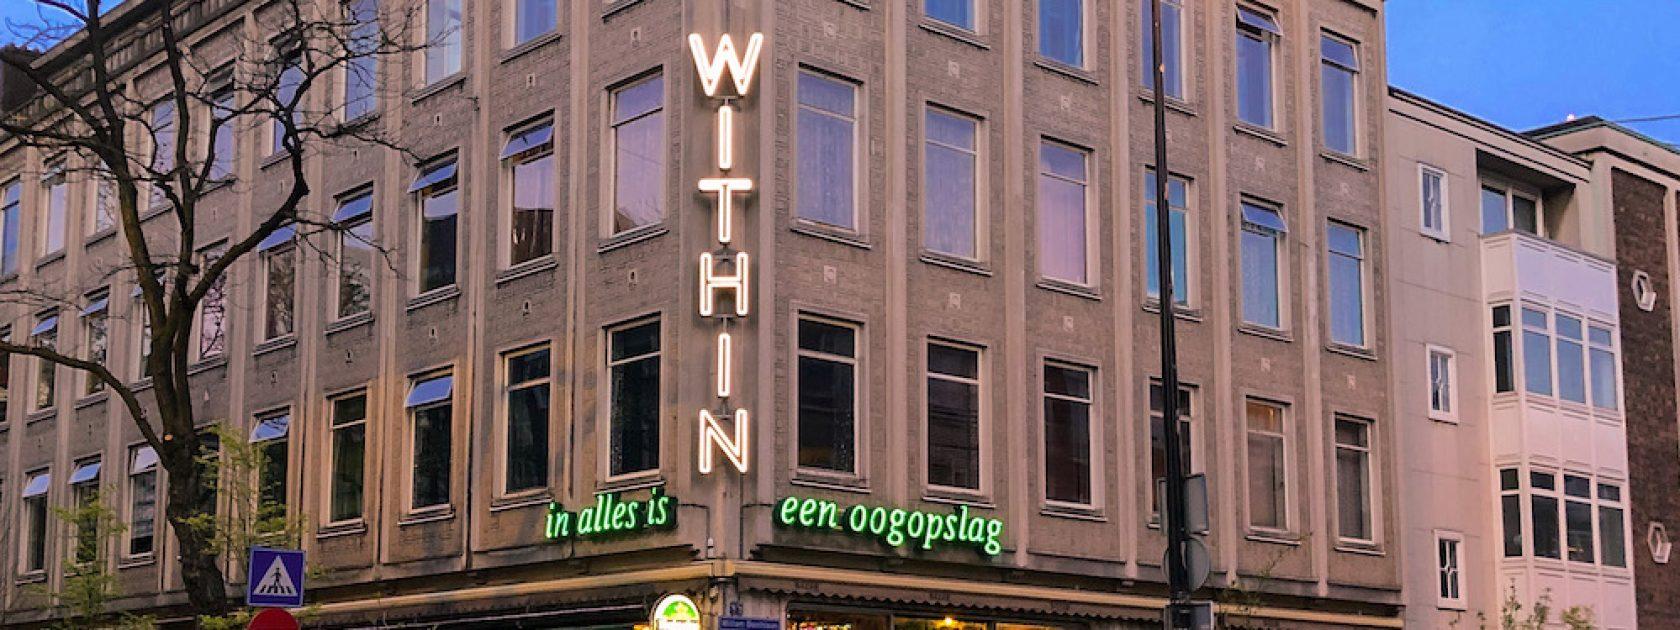 Witte de Withstraat staat bekend als de culturele straat van Rotterdam en vormt samen met Museumpark het culturele hart van Rotterdam. Deze artistieke straat mag niet worden overgeslagen tijdens jouw bezoek, en de straat is vol met leuke cafés, winkels, kunstgalerijen en restaurants.